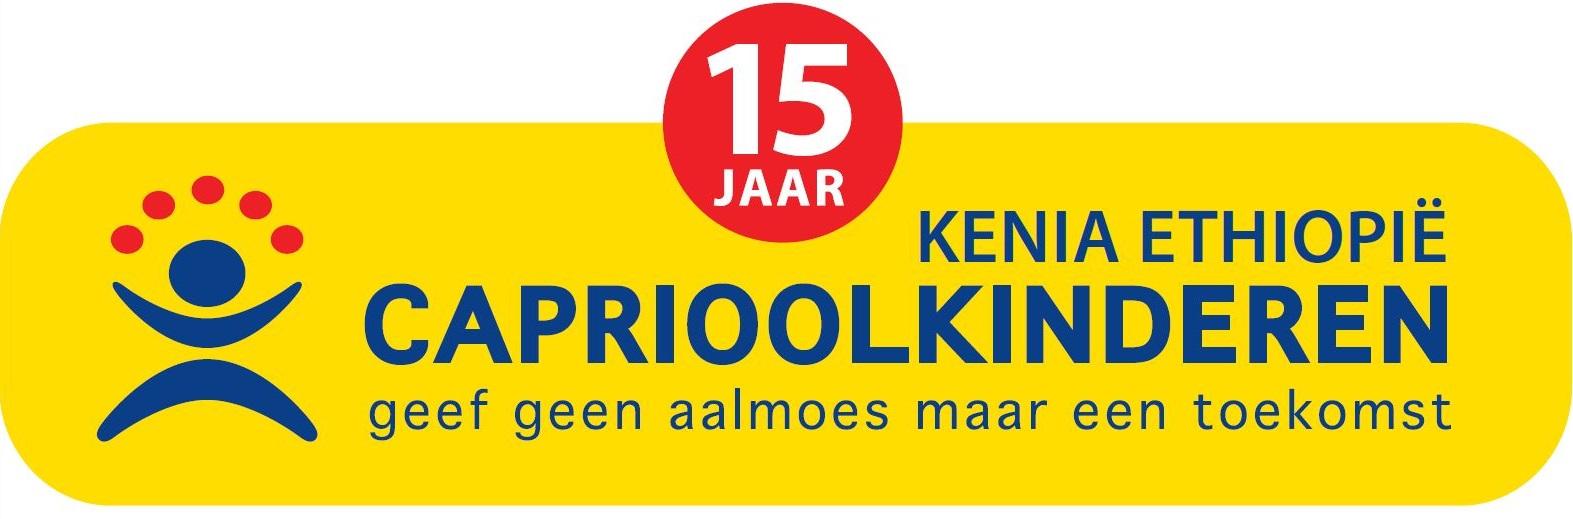 Caprioolkinderen logo